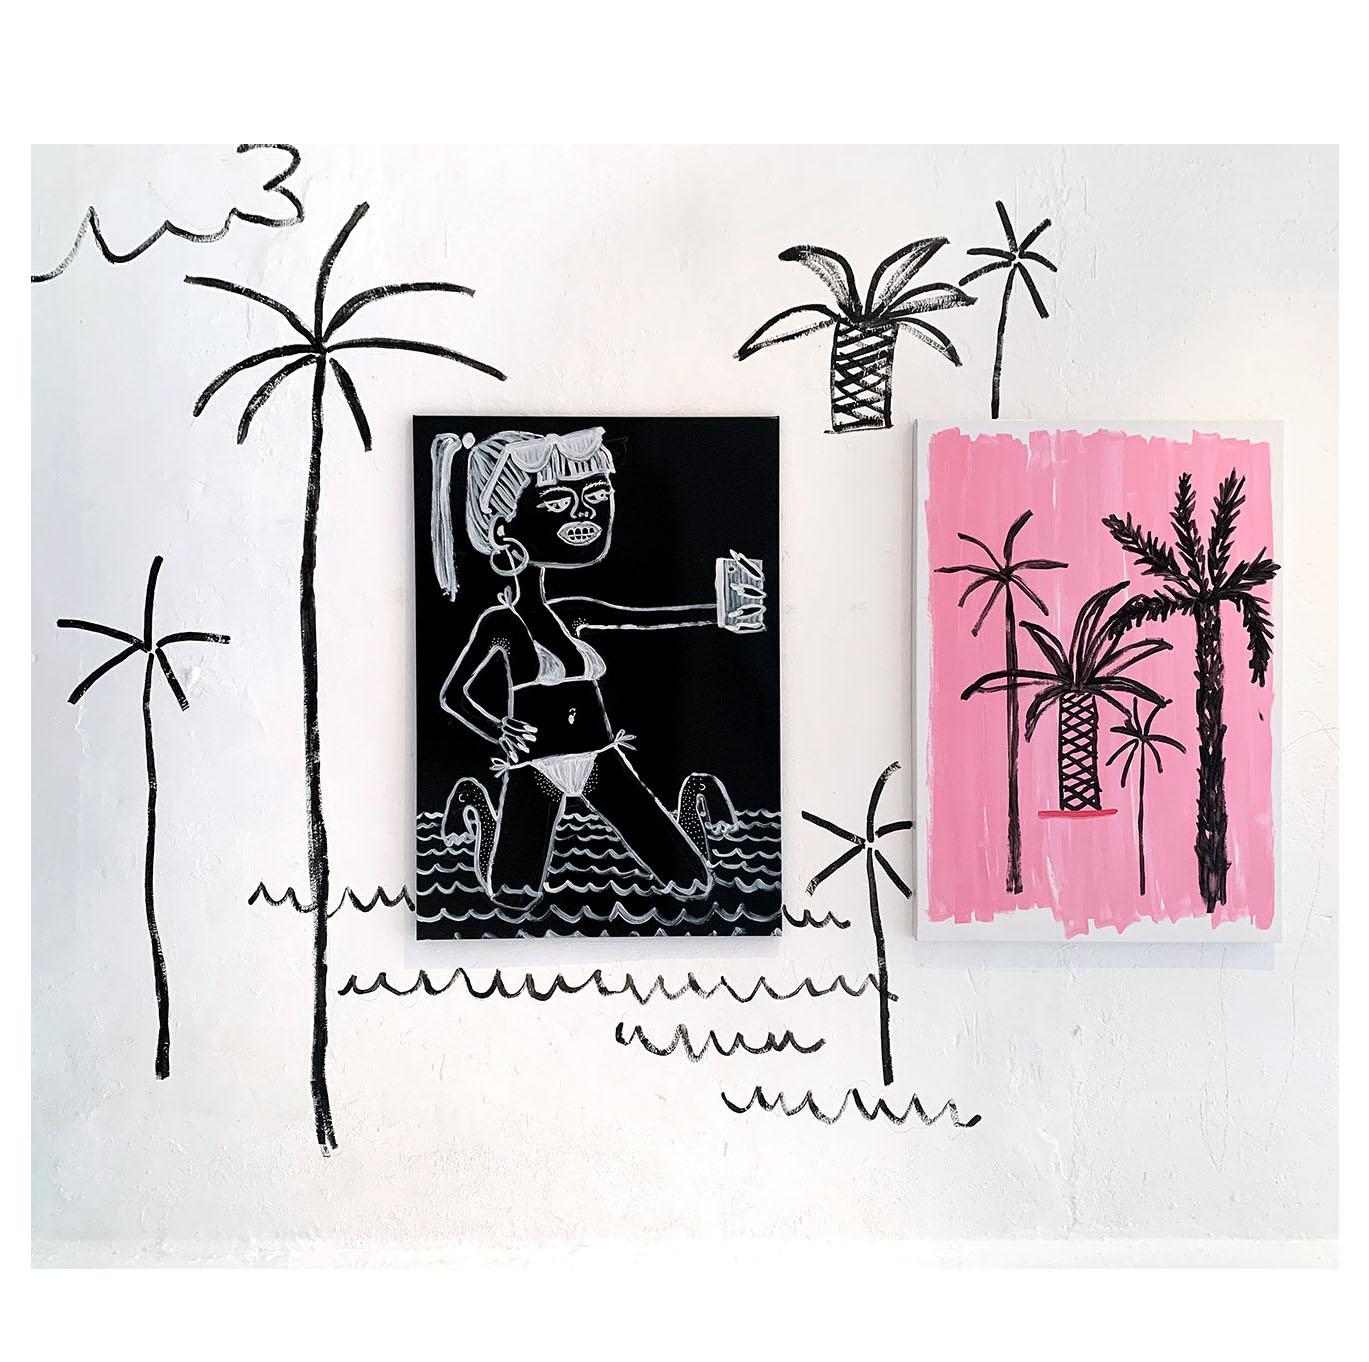 gallery weekend, barcelona, spain, visit katharina arndt and gabrielle graessle